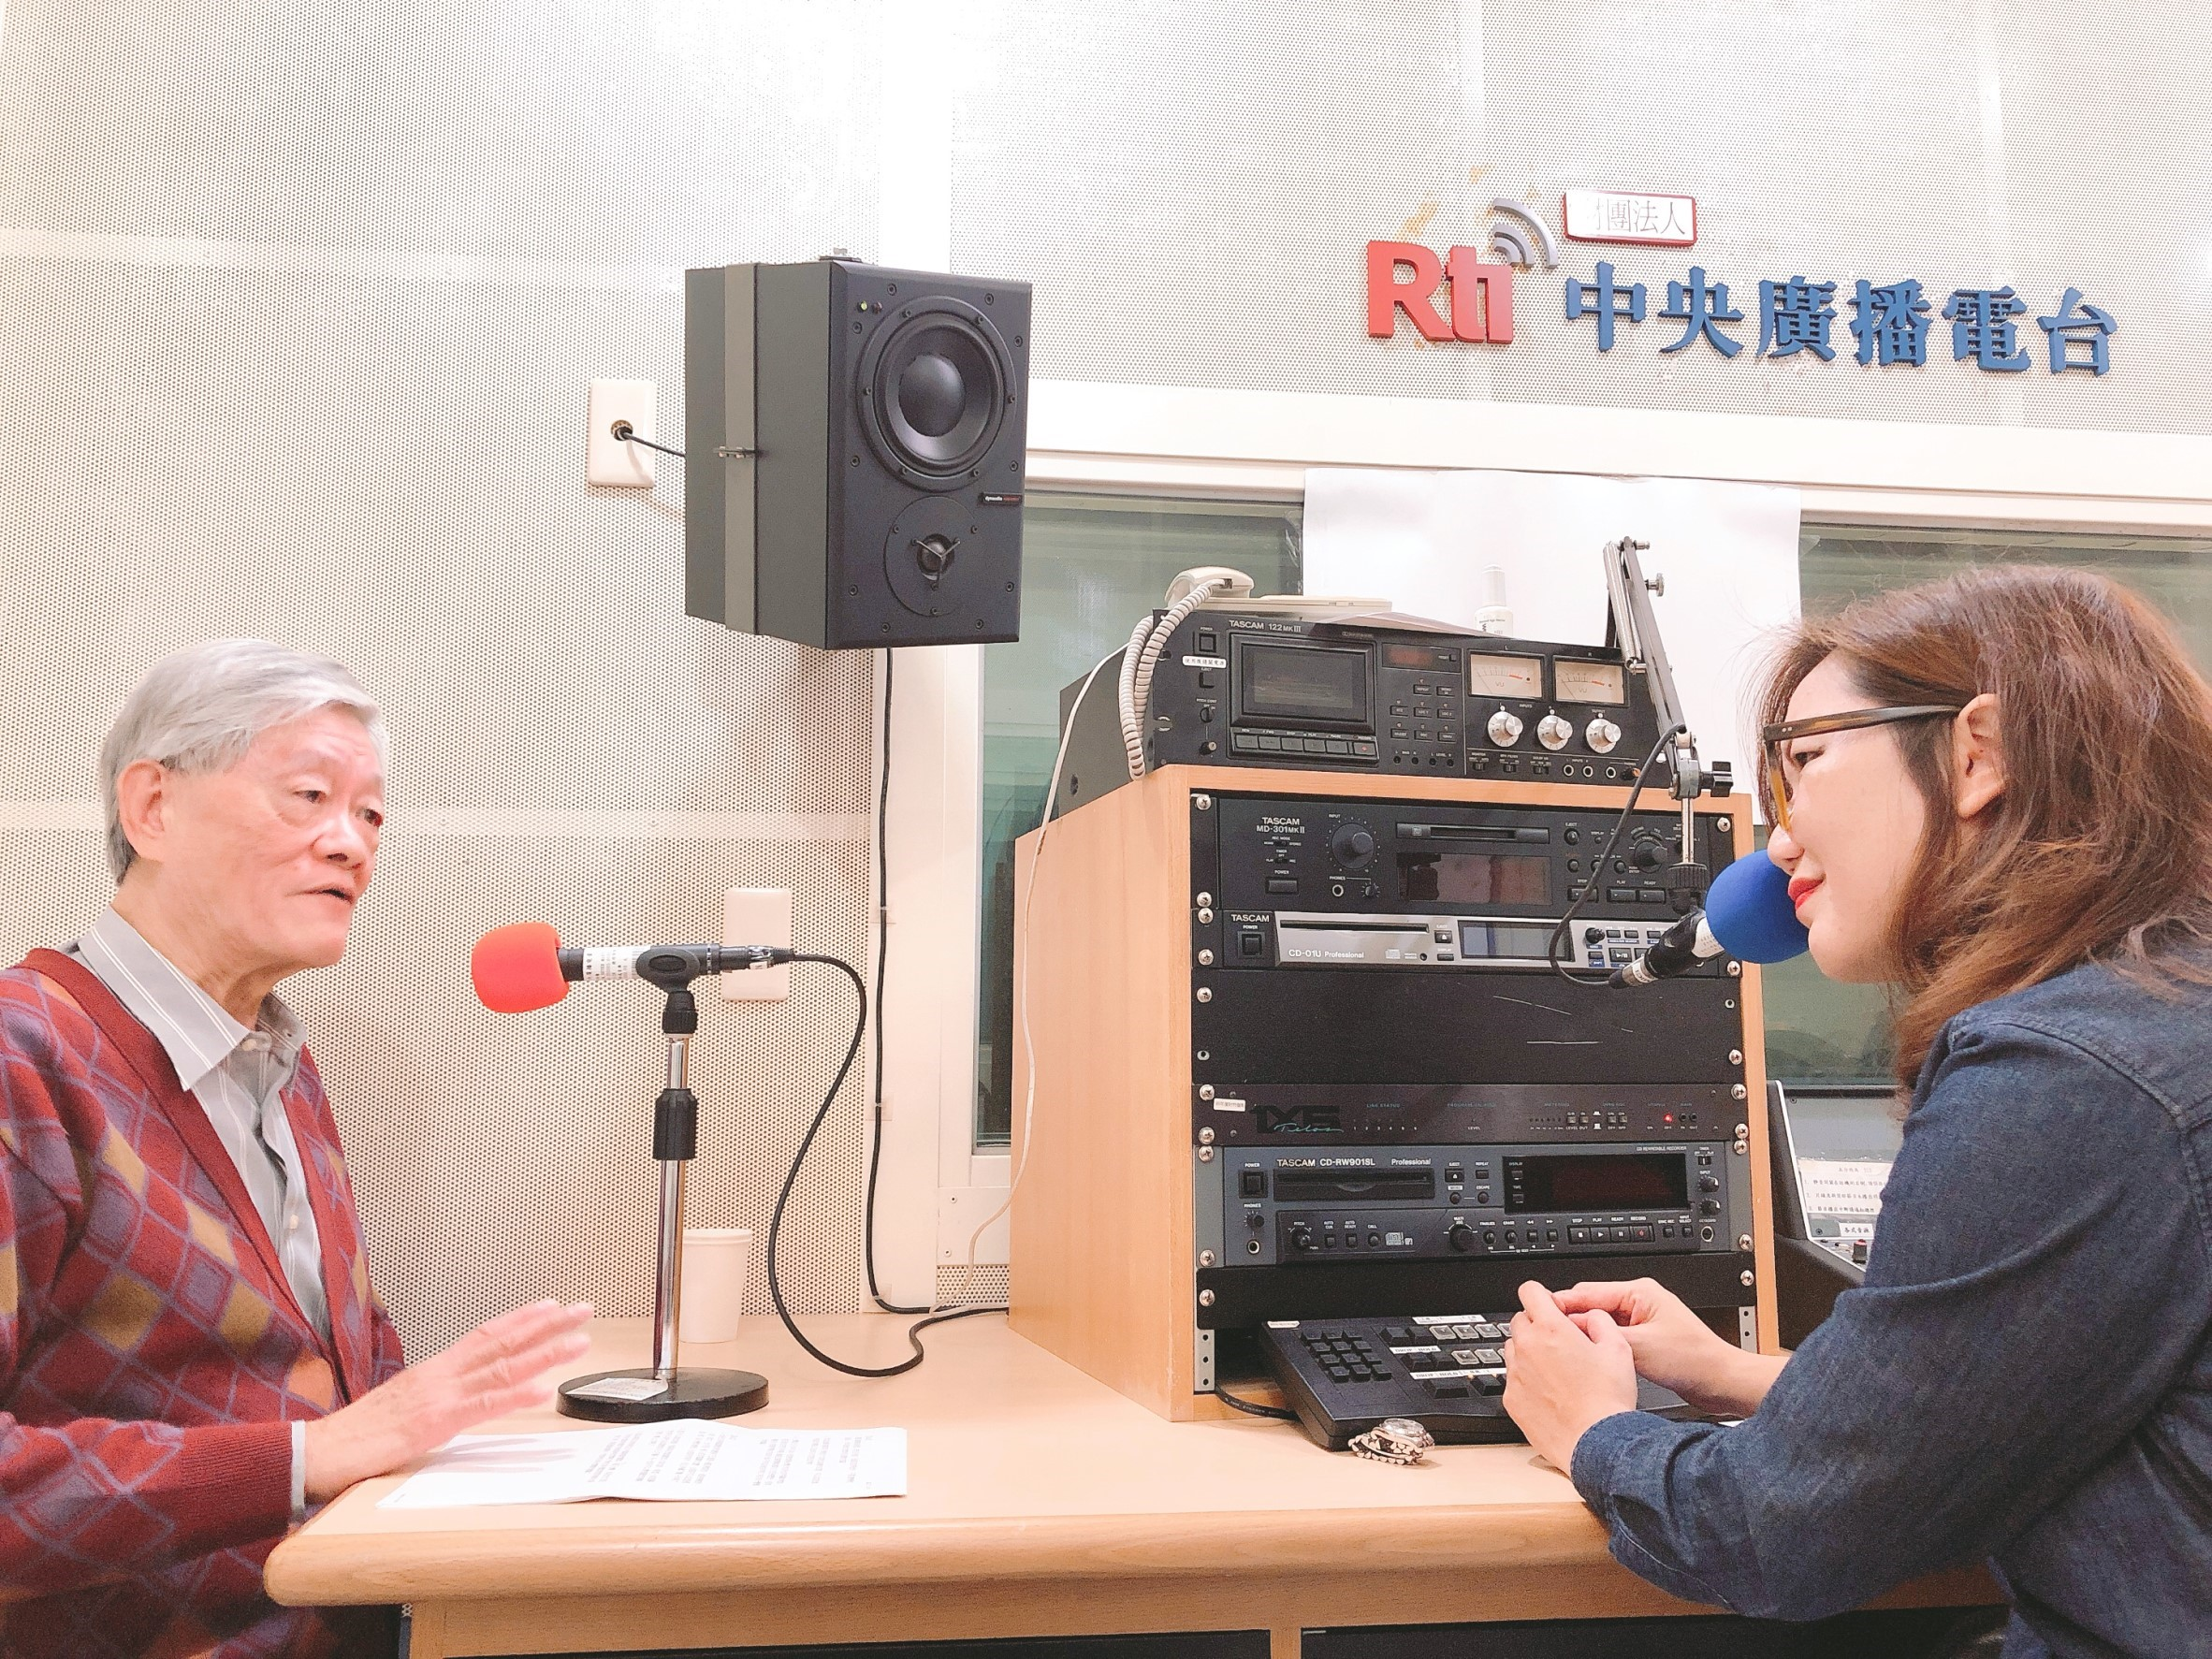 學習母語的途徑-訪詩人李魁賢